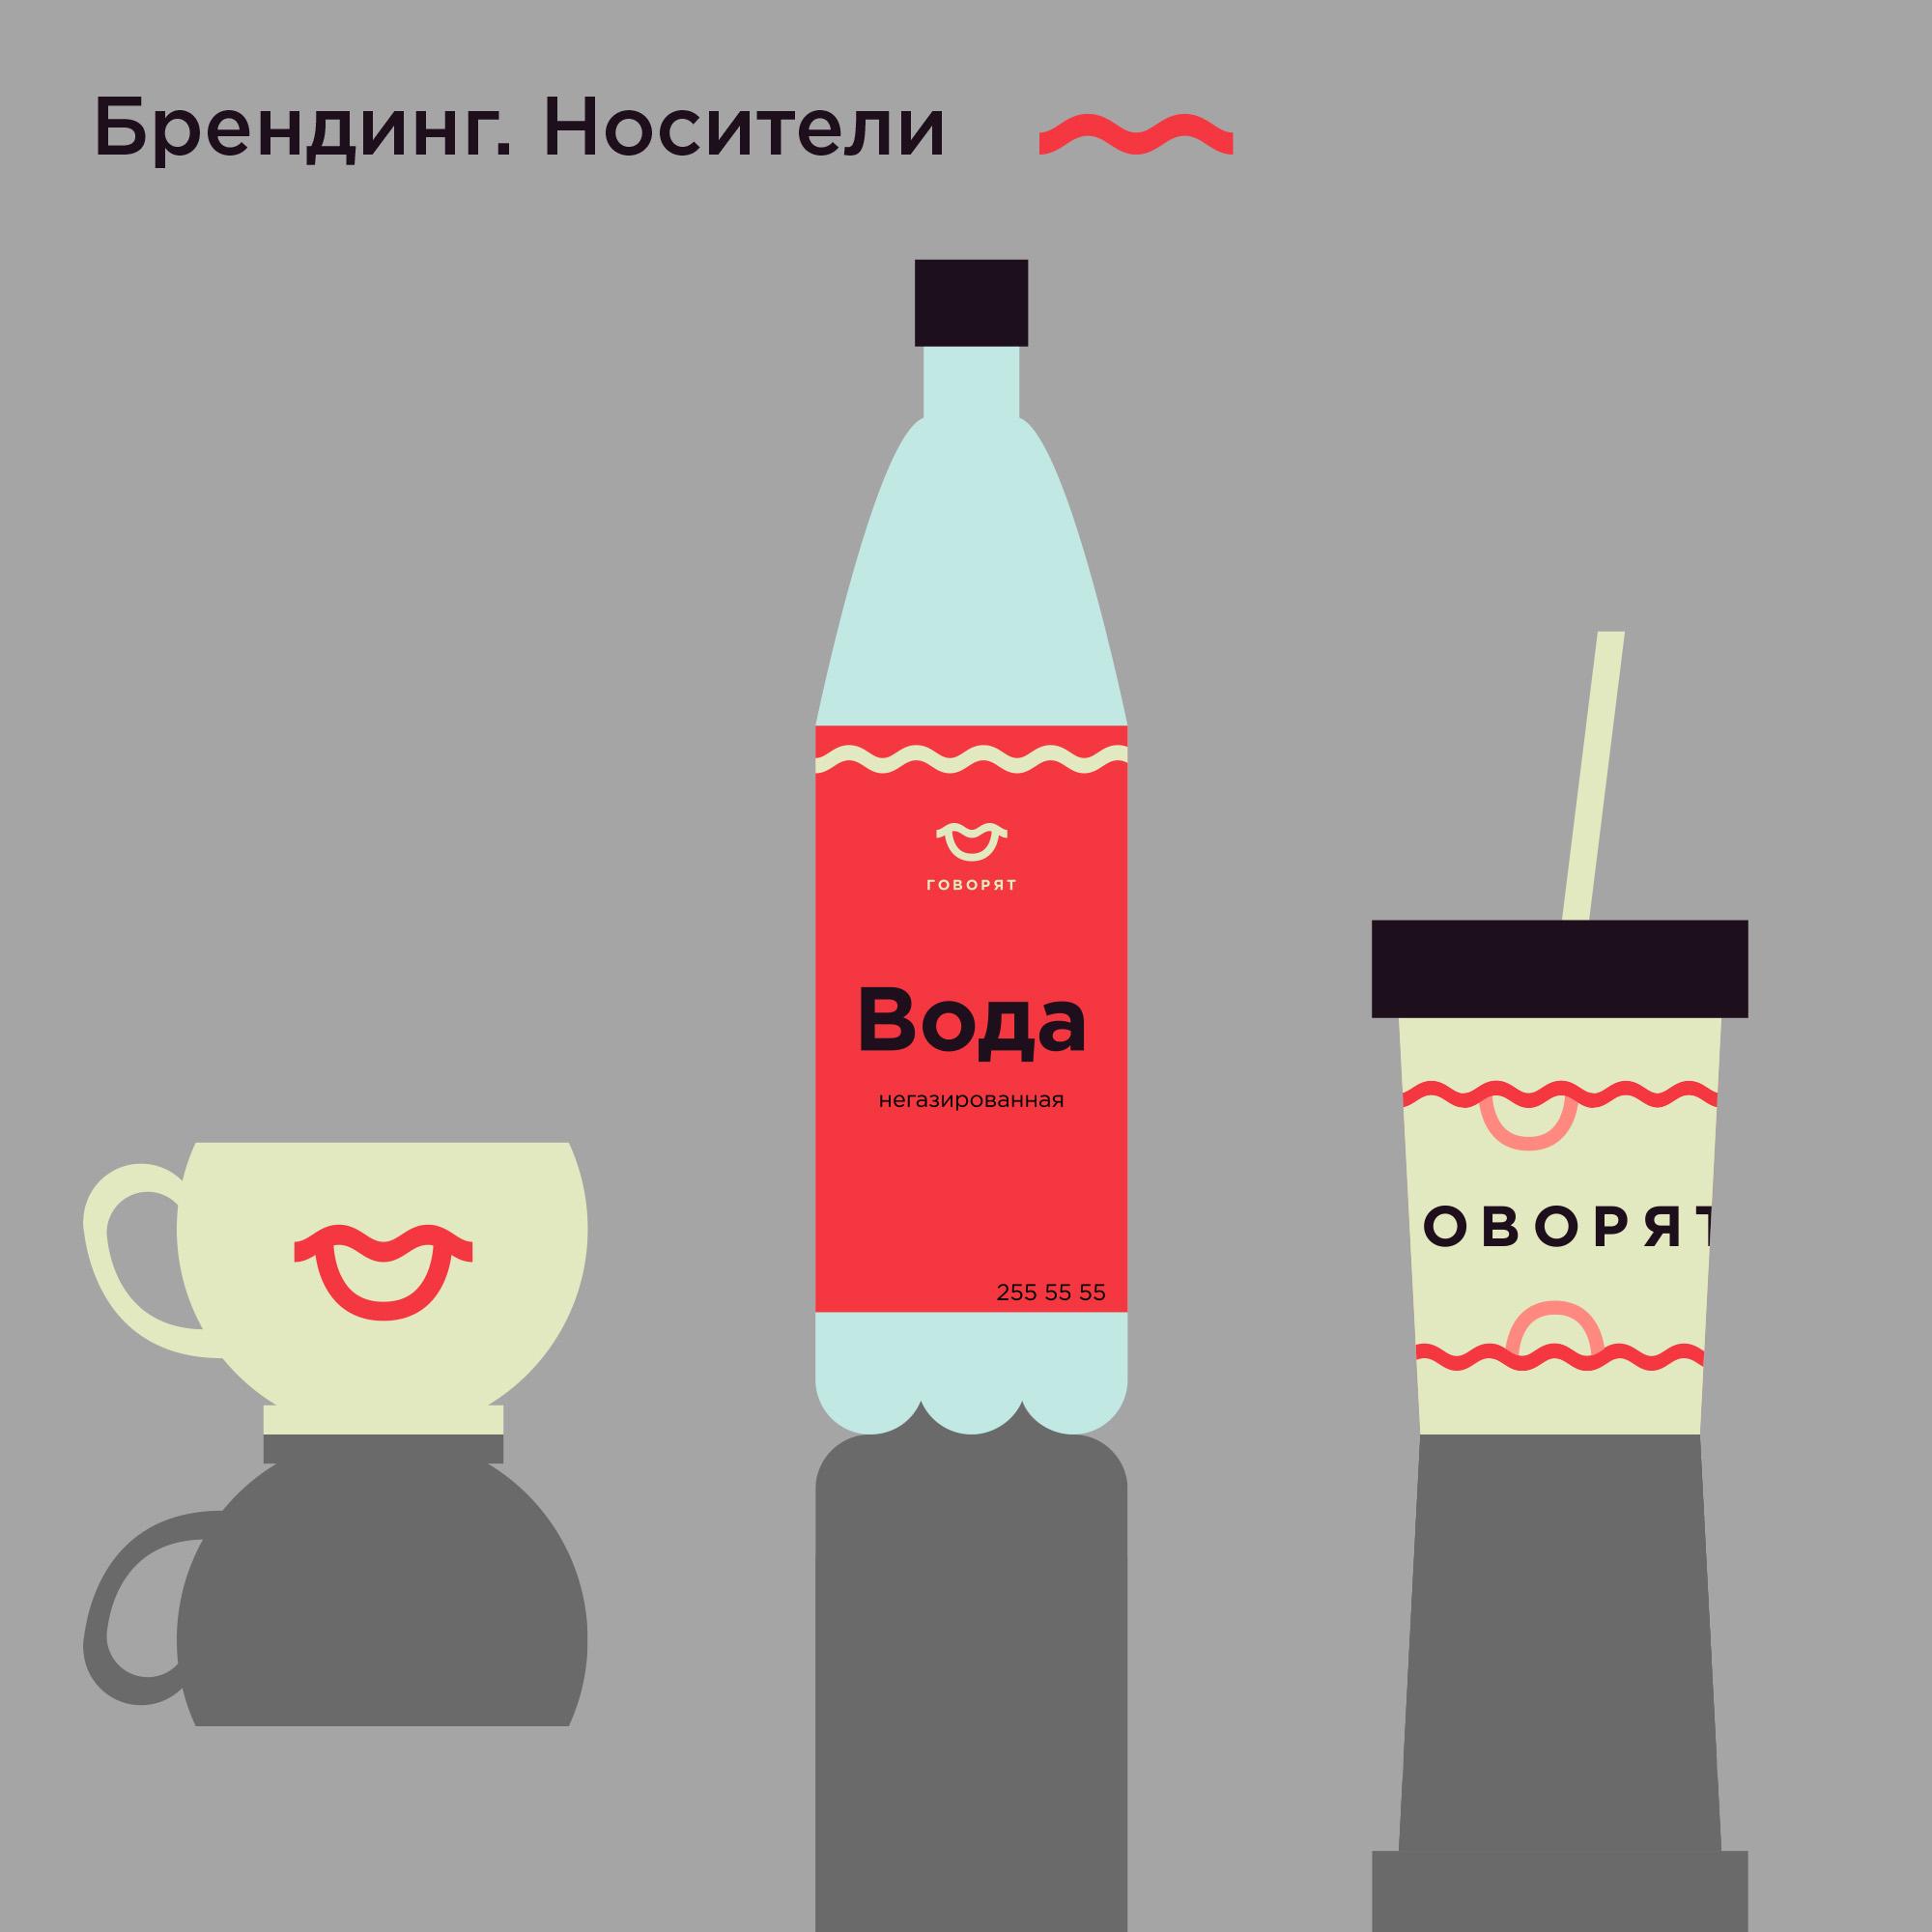 Название, цвета, логотип и дизайн оформления для сети кофеен фото f_4265ba3c1df88275.jpg